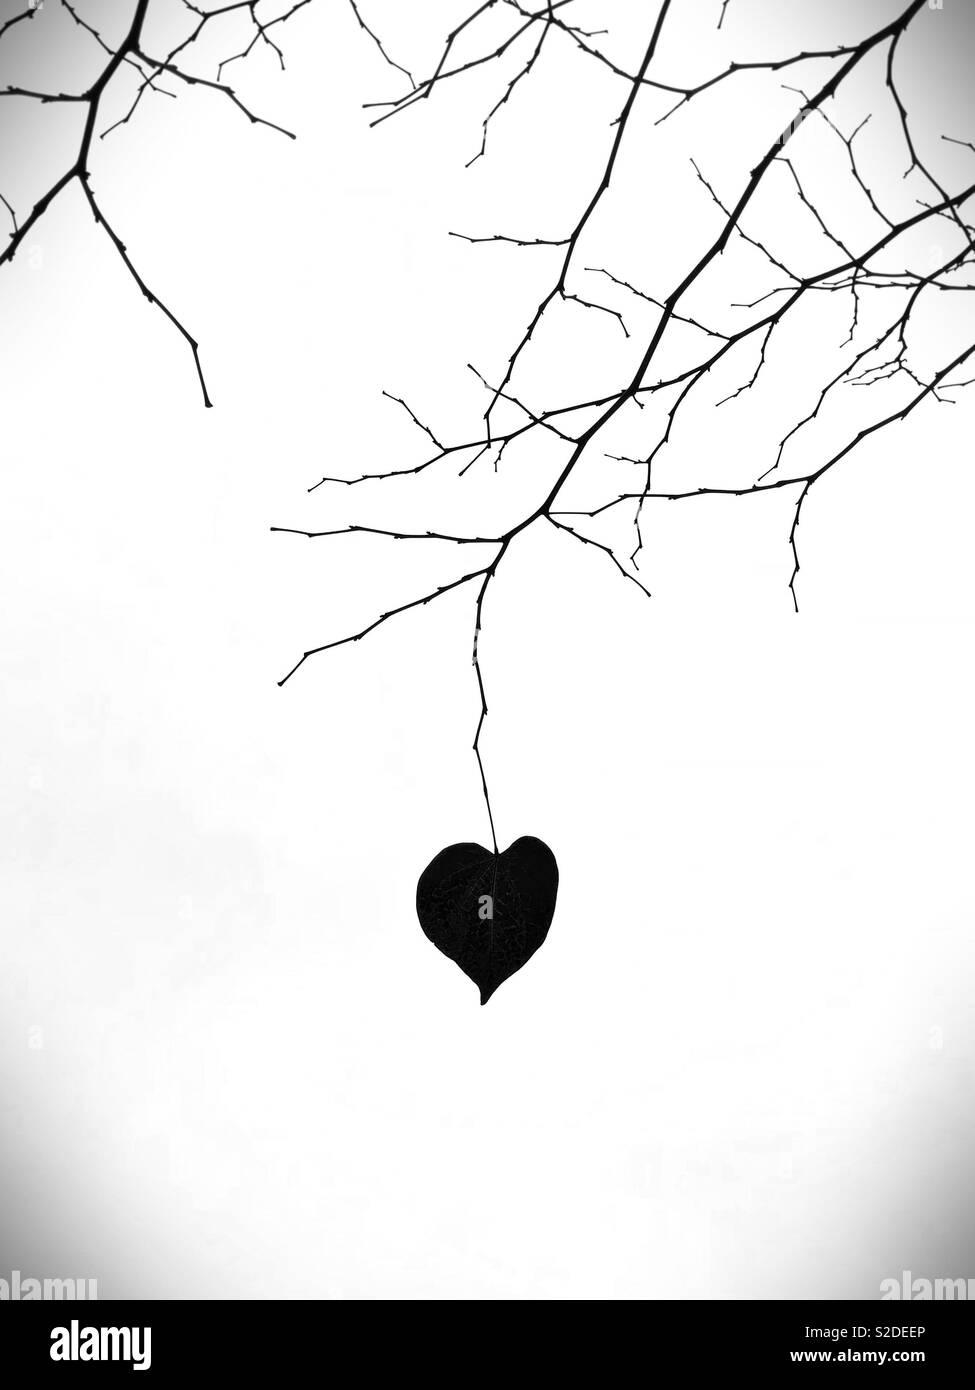 Une feuille en forme de coeur solitaire sur une branche nue. Photo Stock